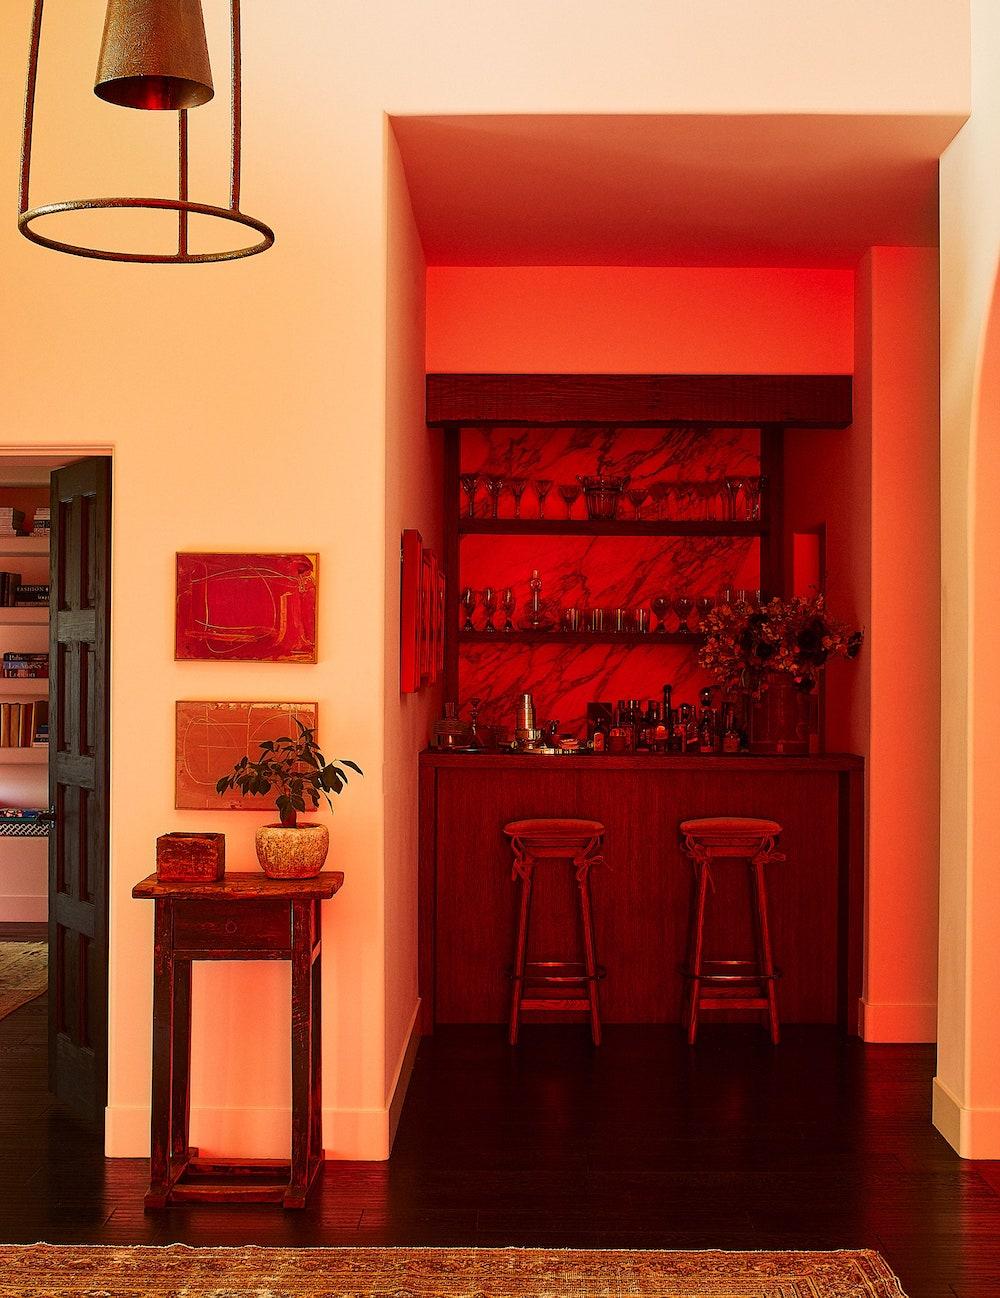 Дотроос нь харцгаая: Кендалл Женнерийн Лос-Анжелес дахь байшин (фото 3)